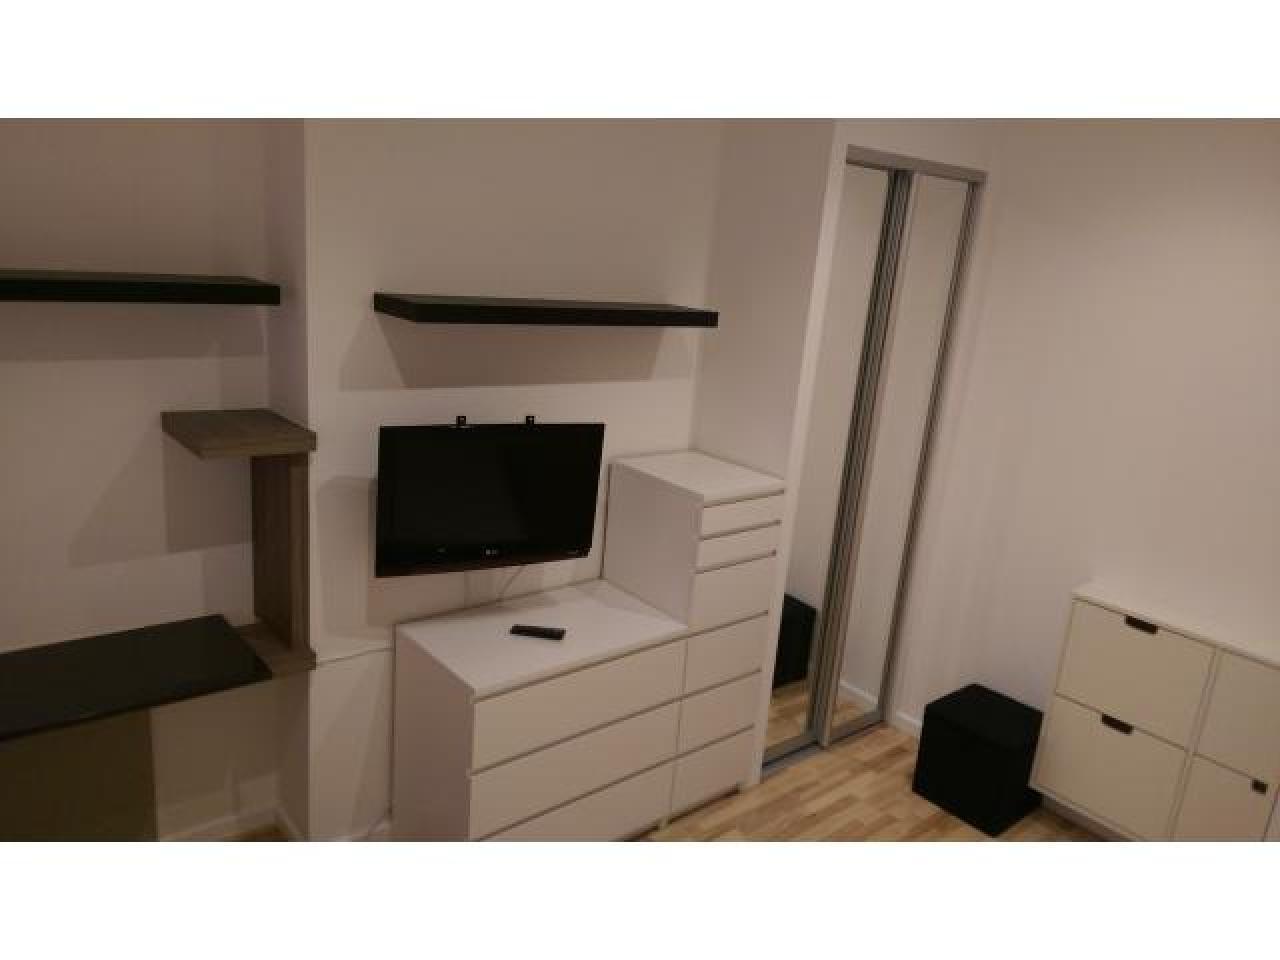 Double room в тихом доме нa Stratford £138 p/w - 3